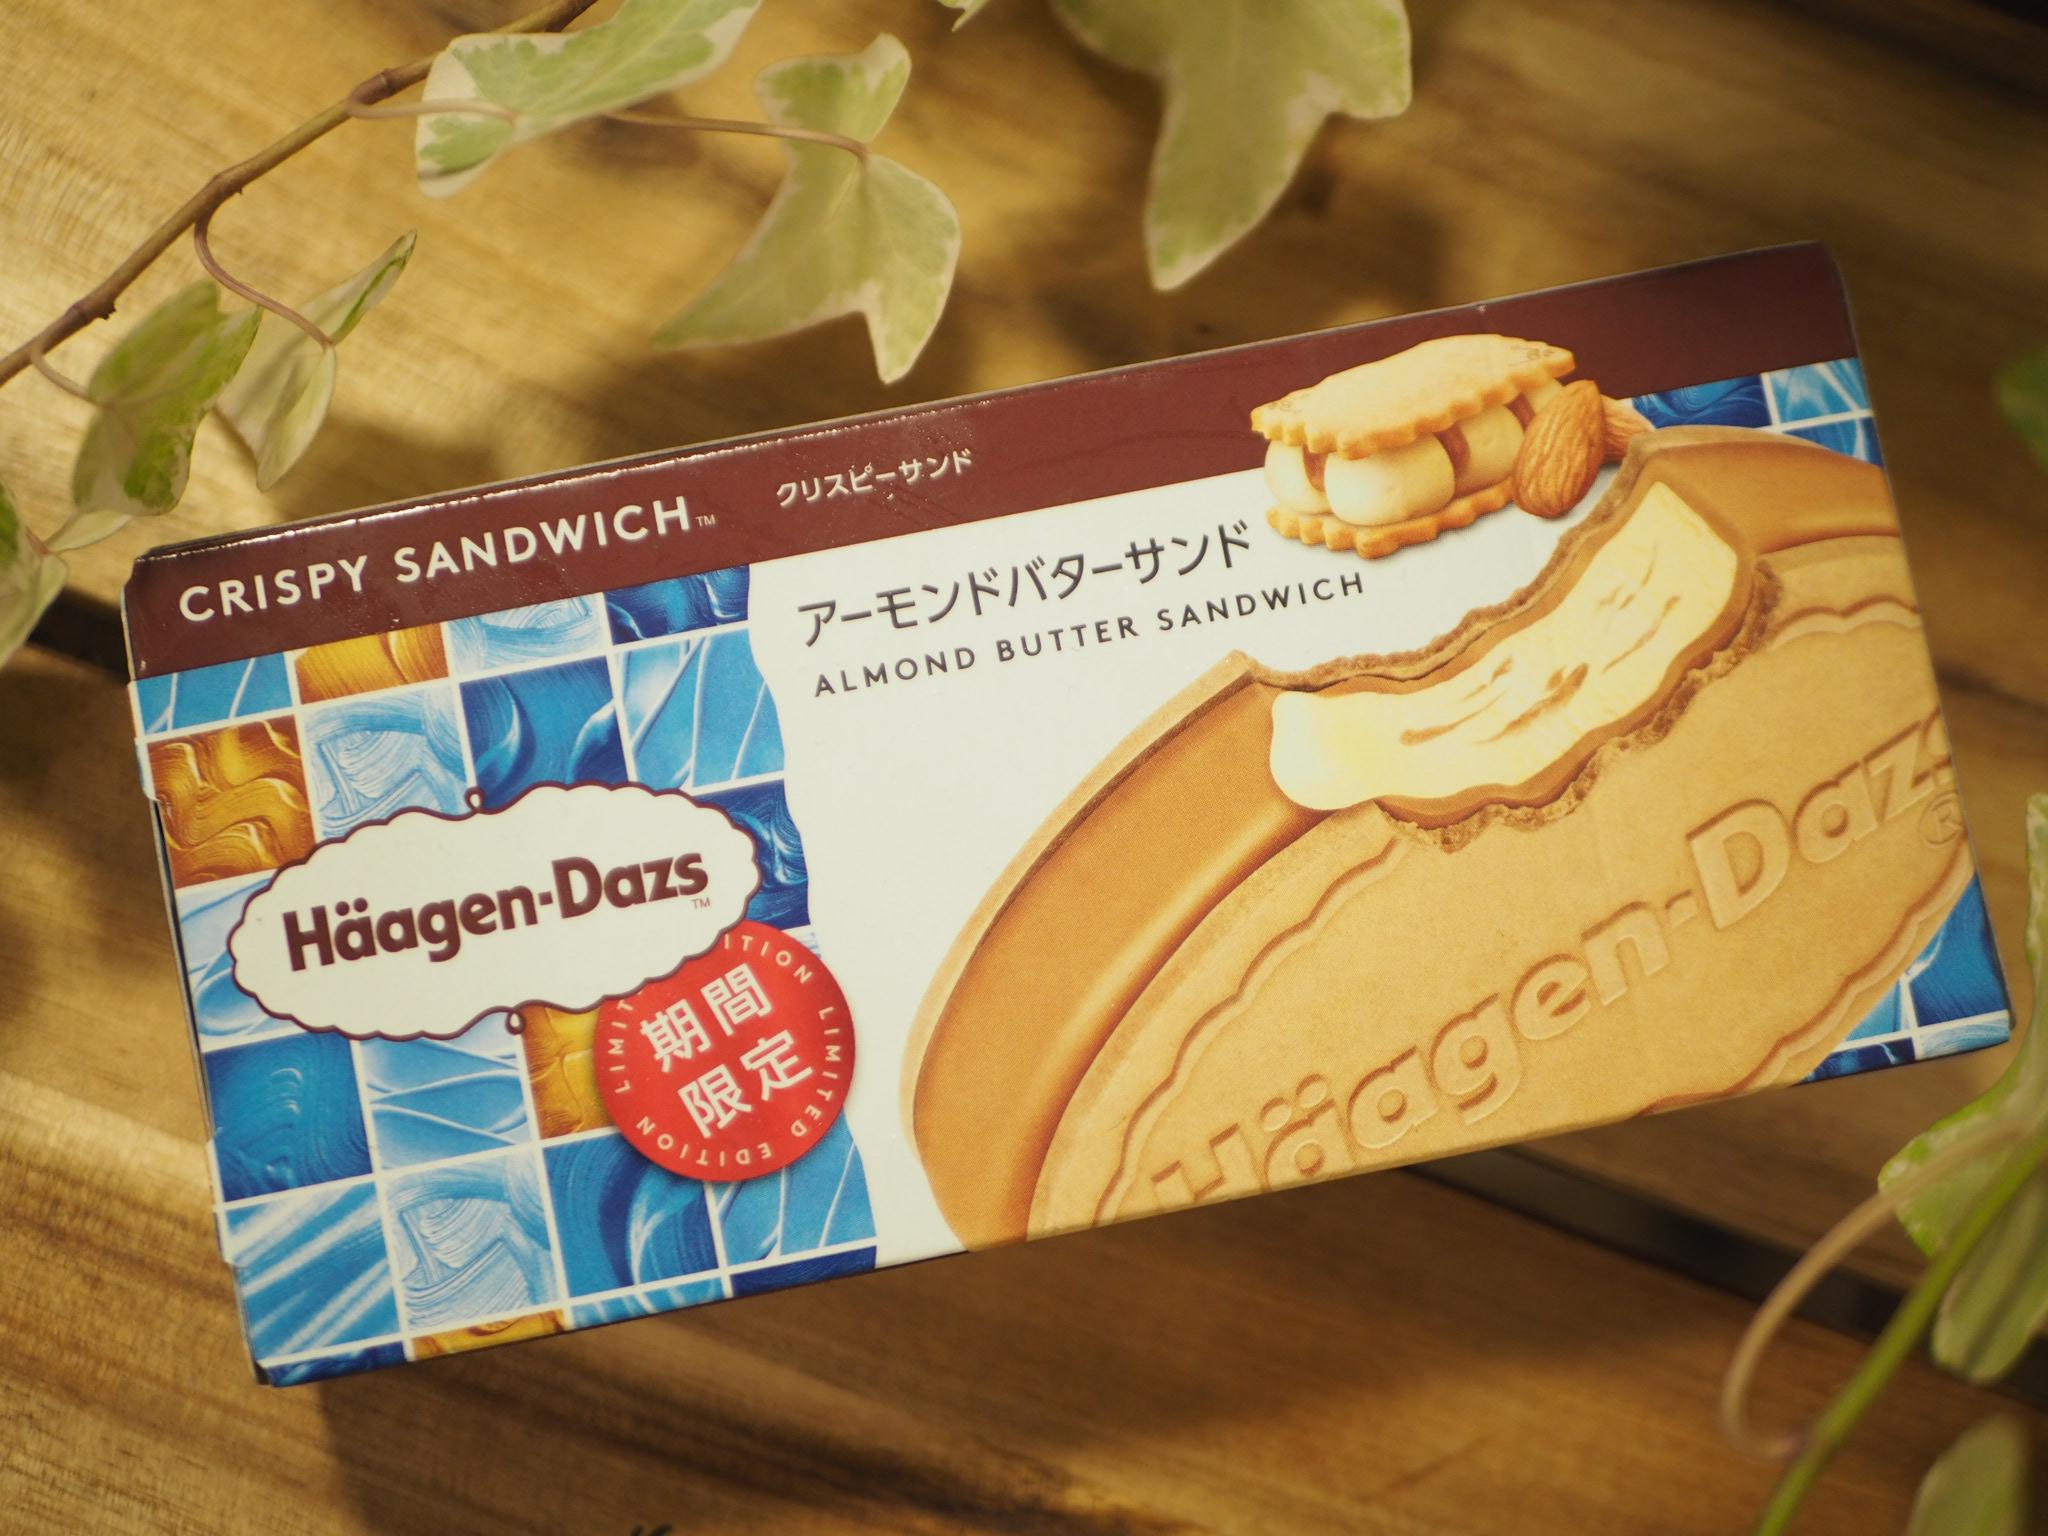 【ハーゲンダッツ】濃厚な味わいのバターサンド♡クリスピーサンド『アーモンドバターサンド』が登場♩_1